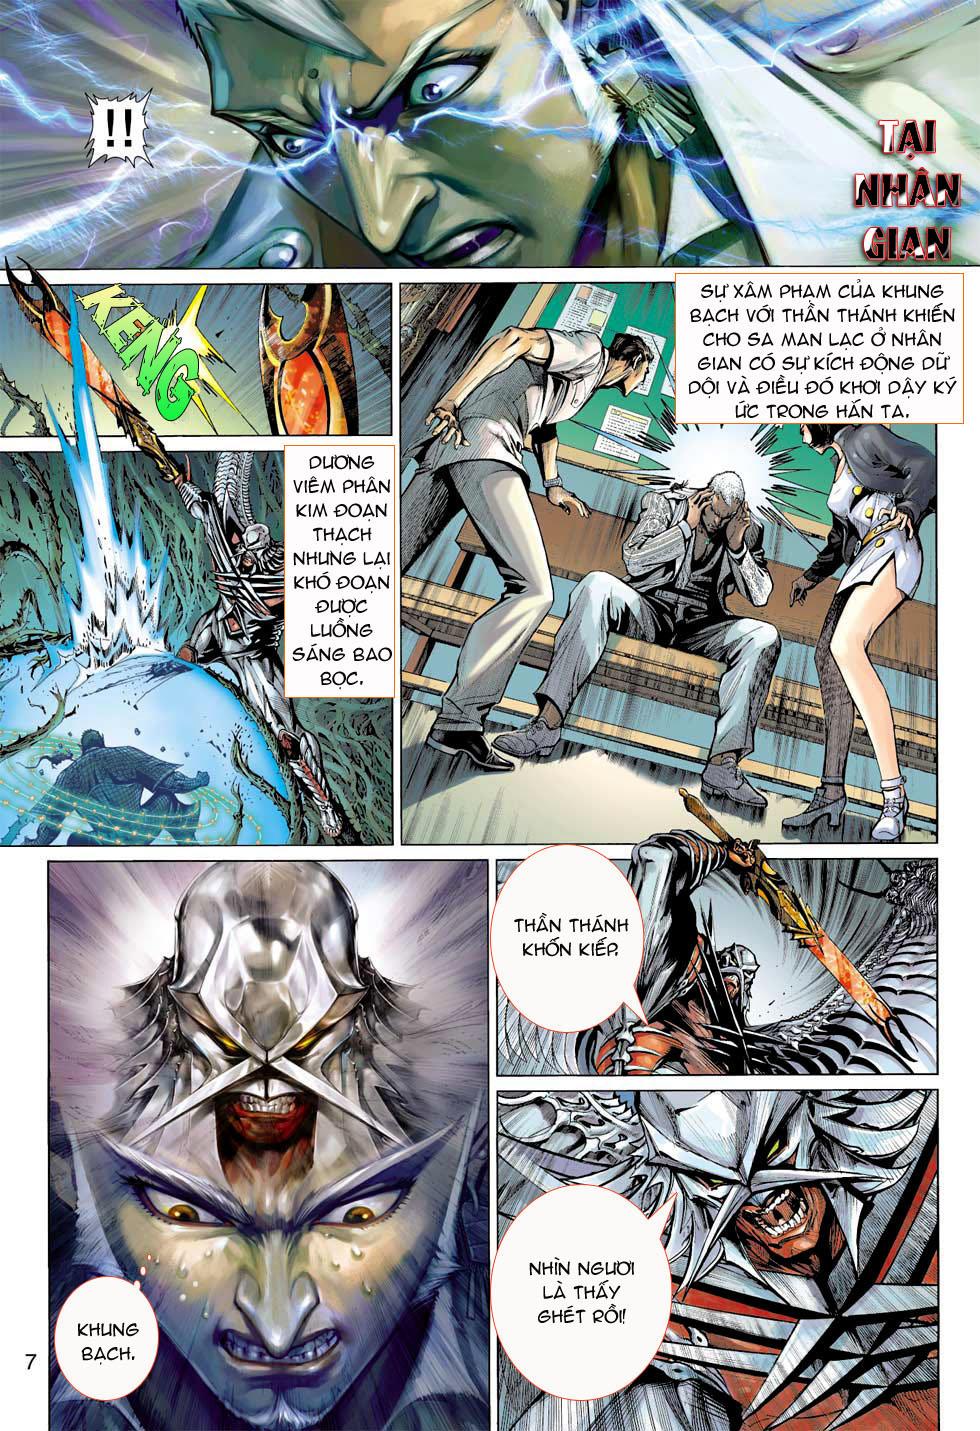 Thần Binh 4 chap 7 - Trang 7